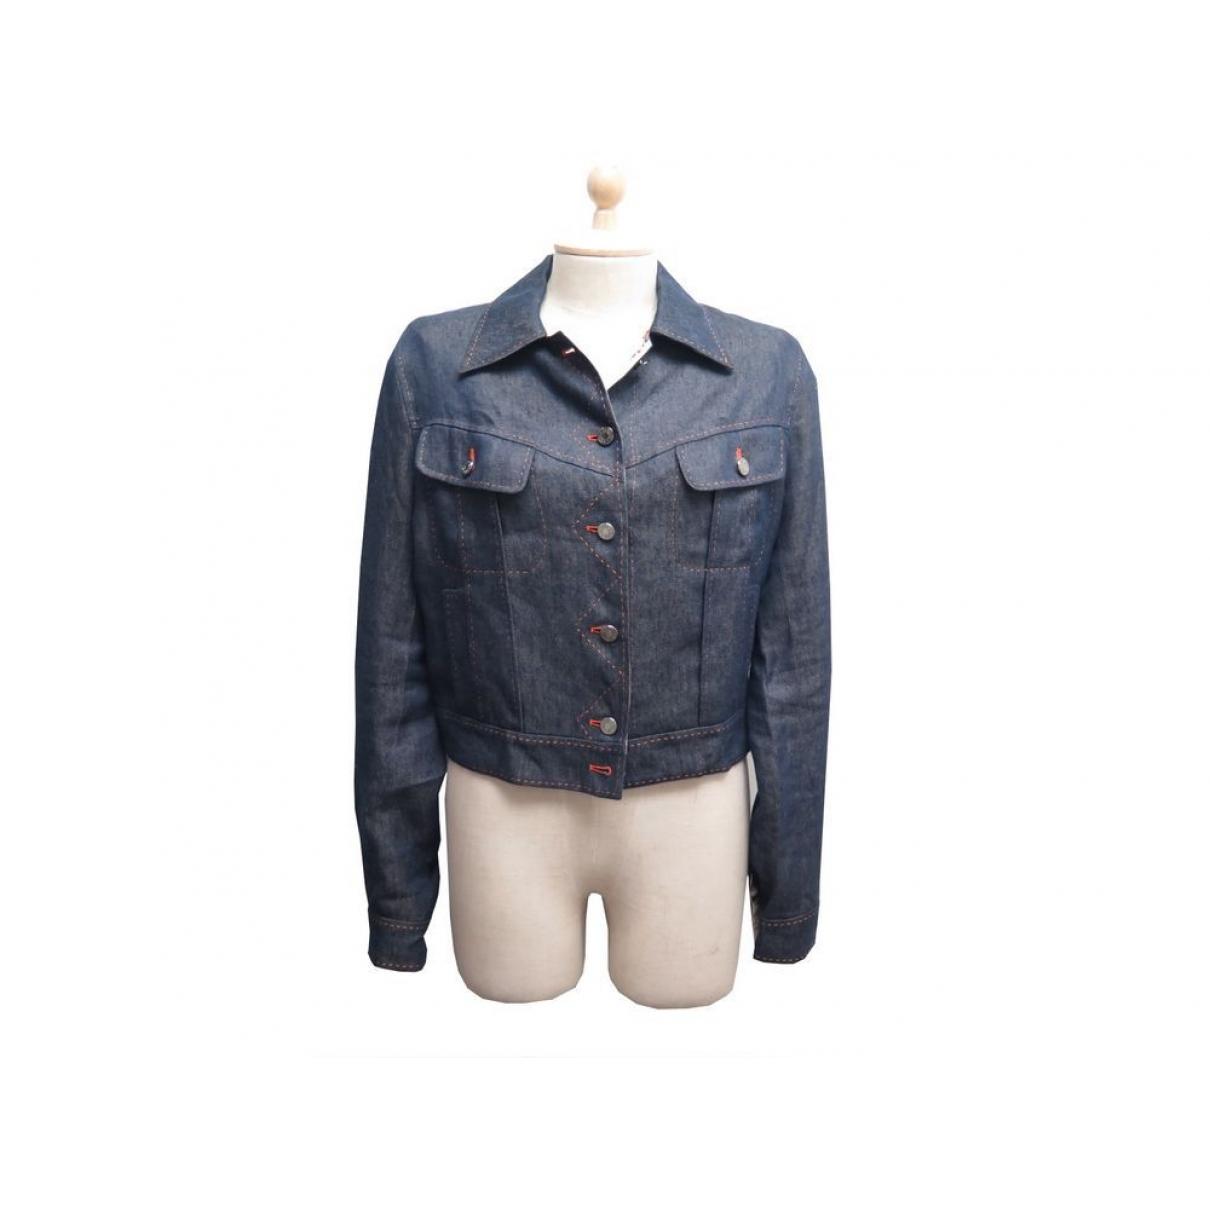 Hermes \N Jacke in  Blau Denim - Jeans